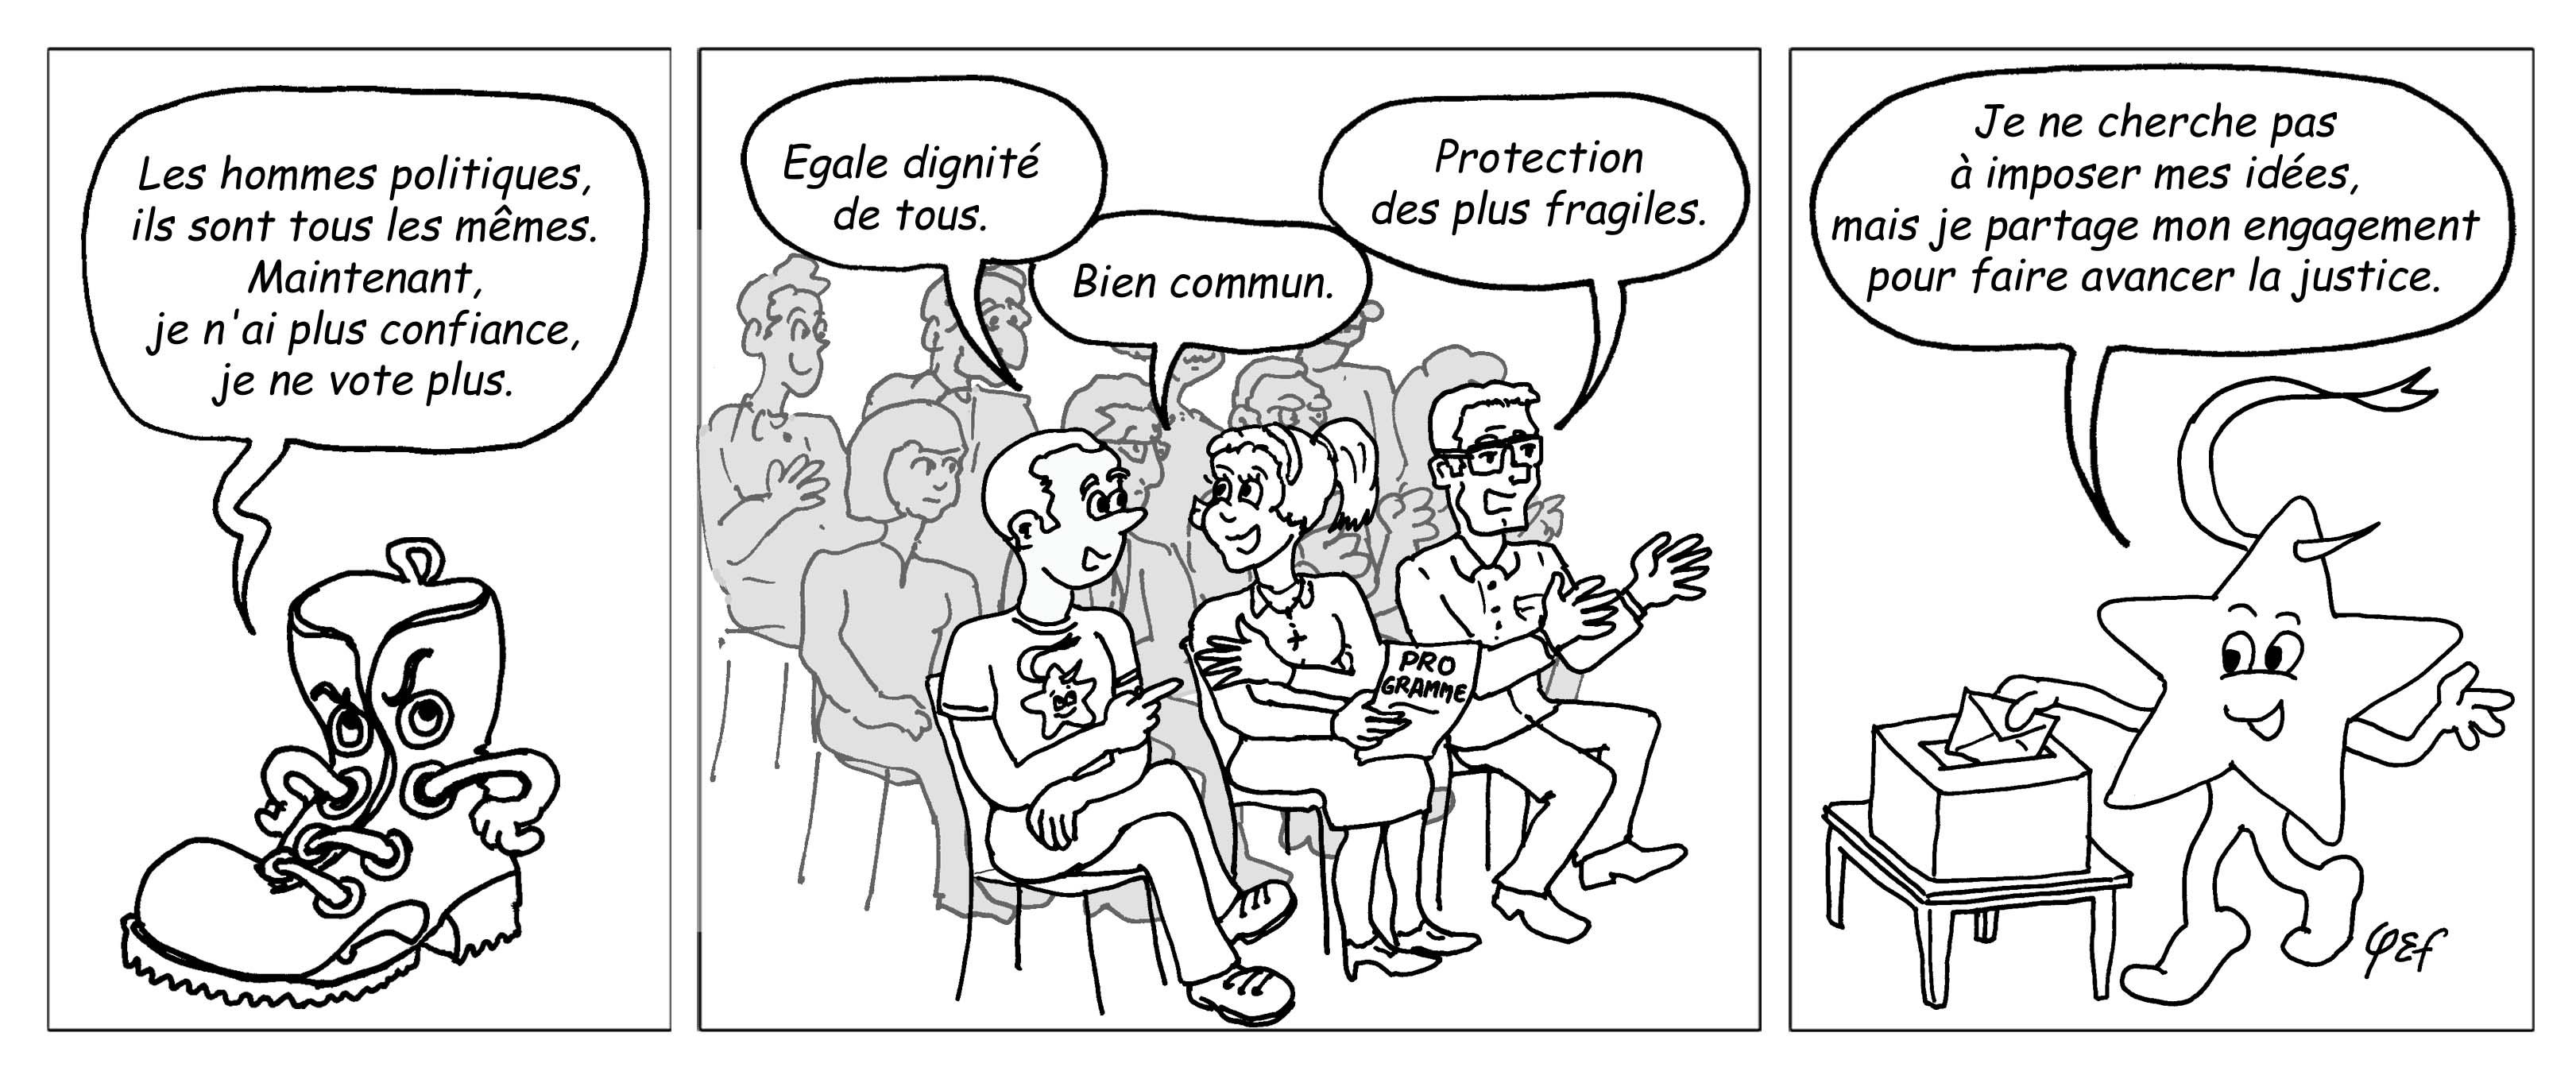 Camérino et les élections (au trait)